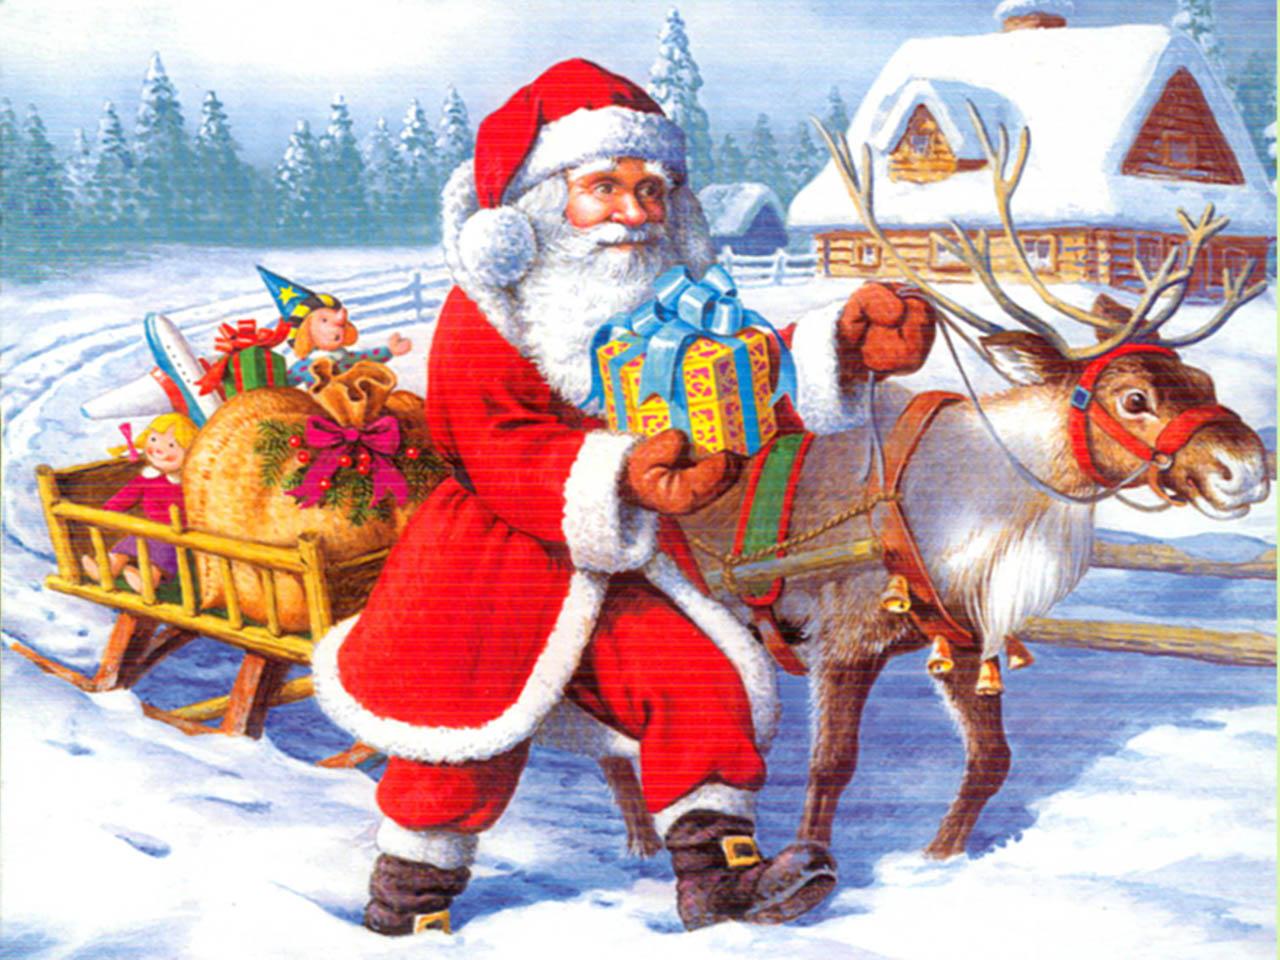 25+ Excellent Pictures Of Santa Claus   Picsoi